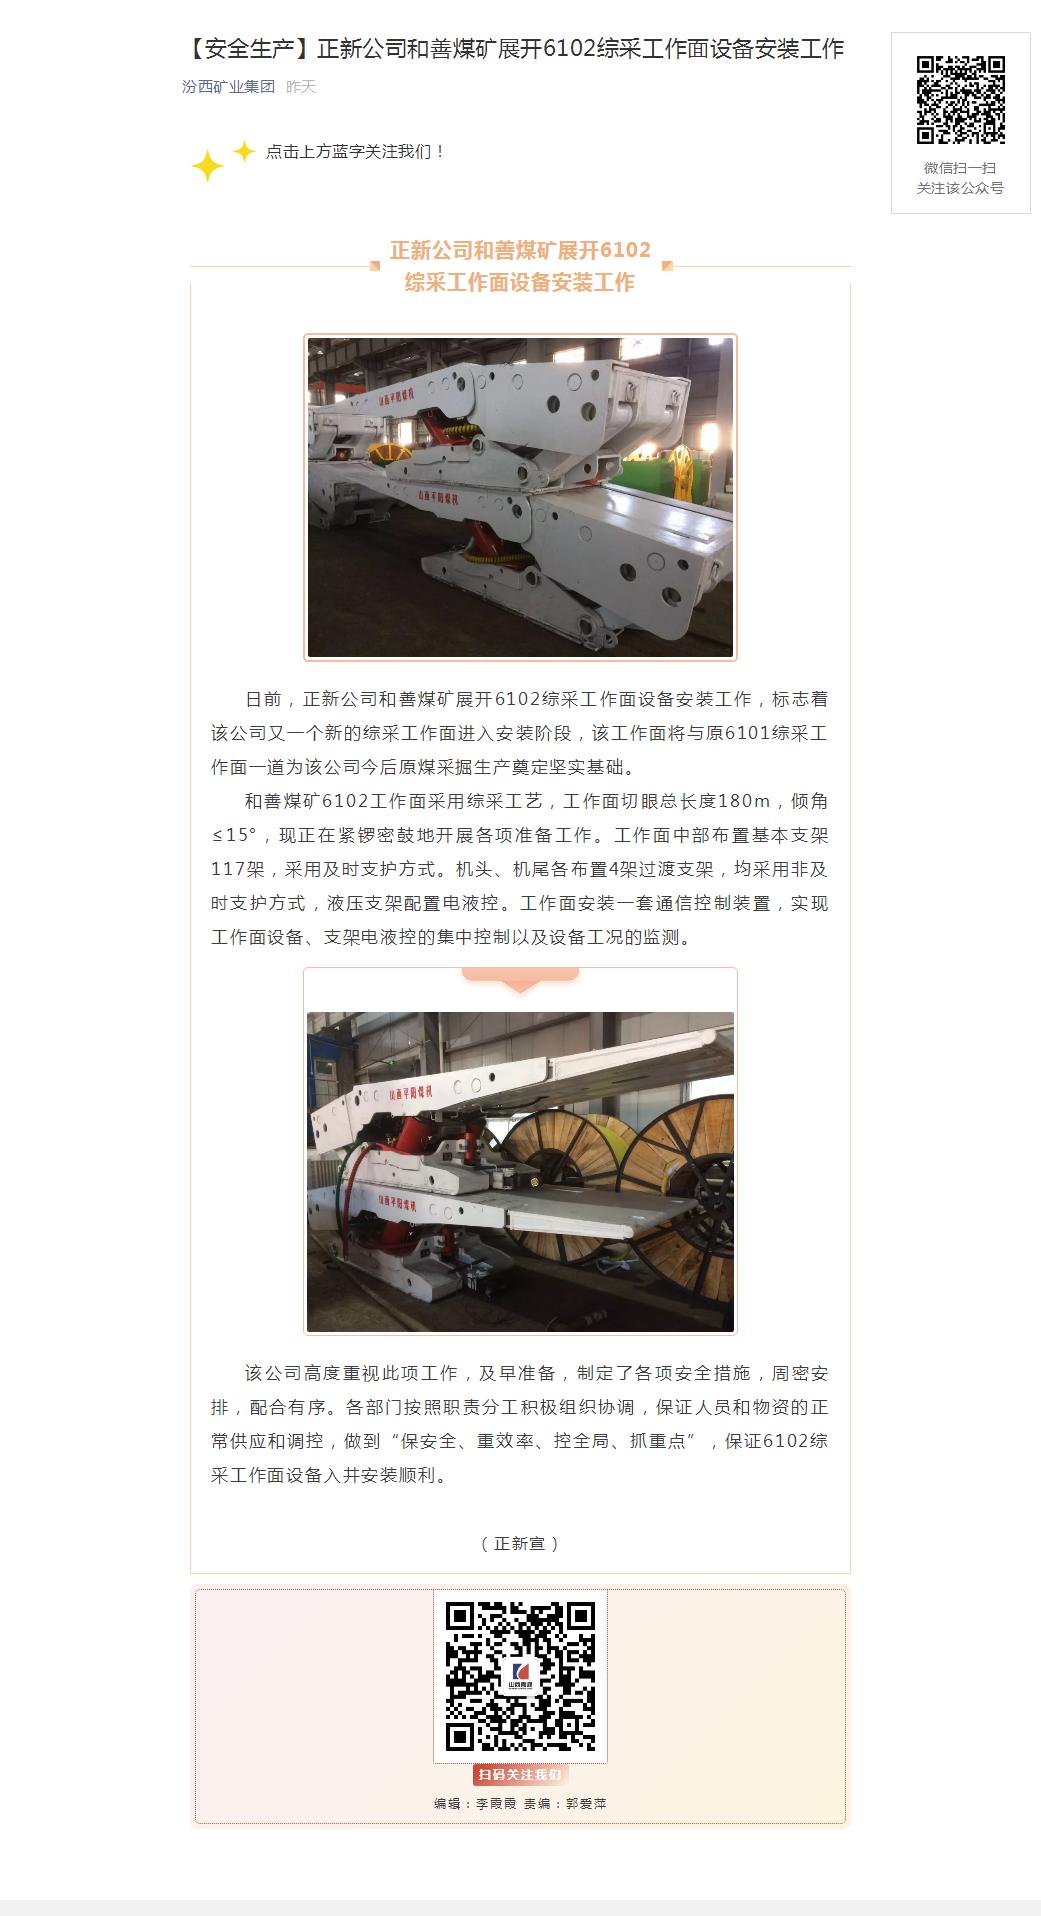 【安全生产】正新公司和善煤矿展开6102综采工作面设备安装工作.png